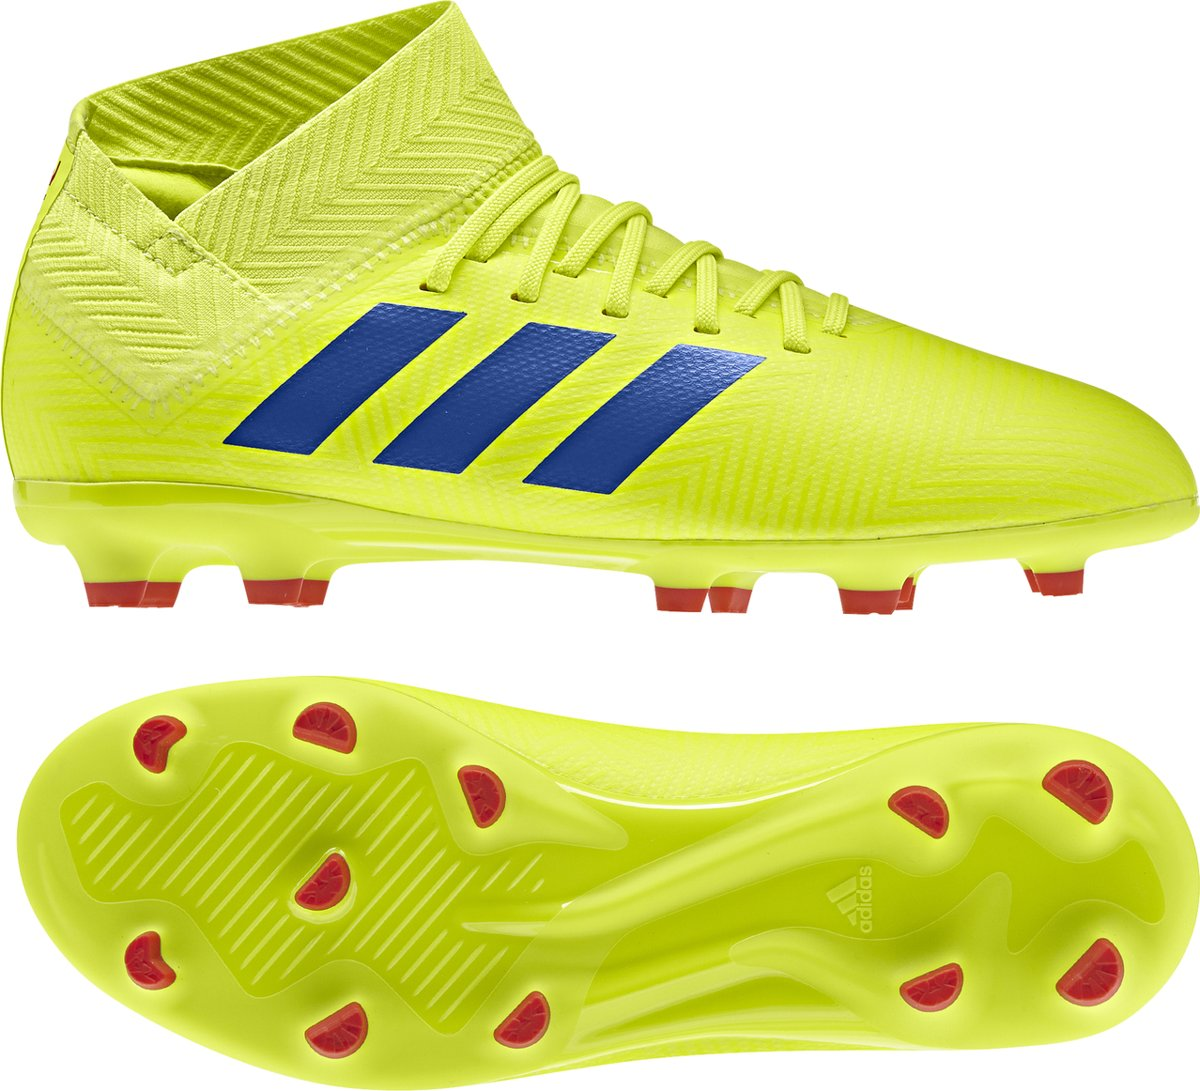 Wit BlauwGreenOrganics Adidas veldschoenen (41 14)